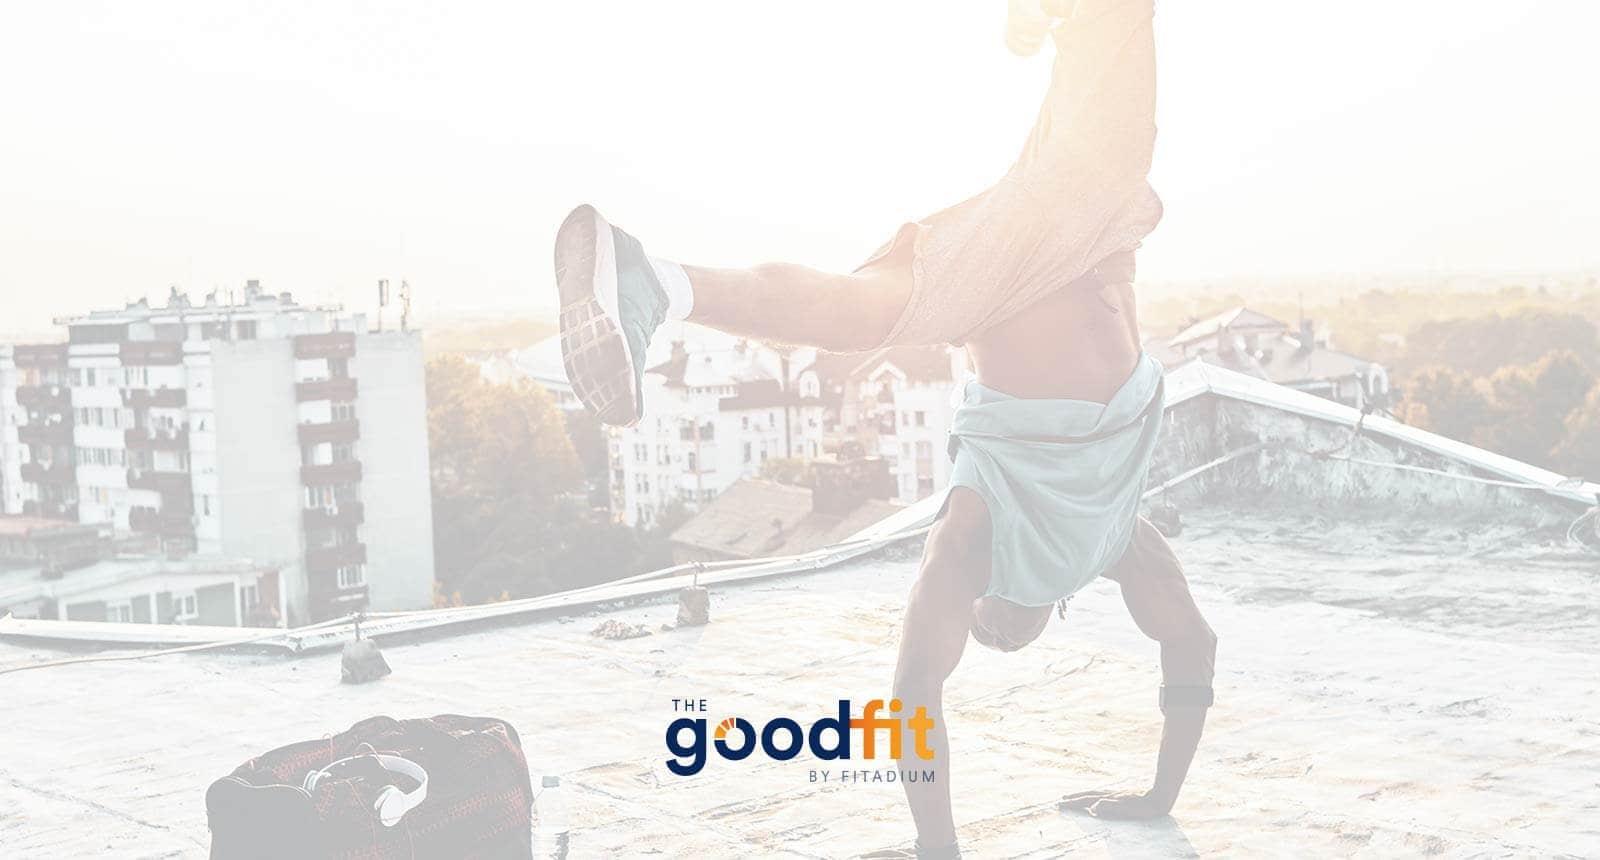 The Good fit sport et alimentation pour les sportifs